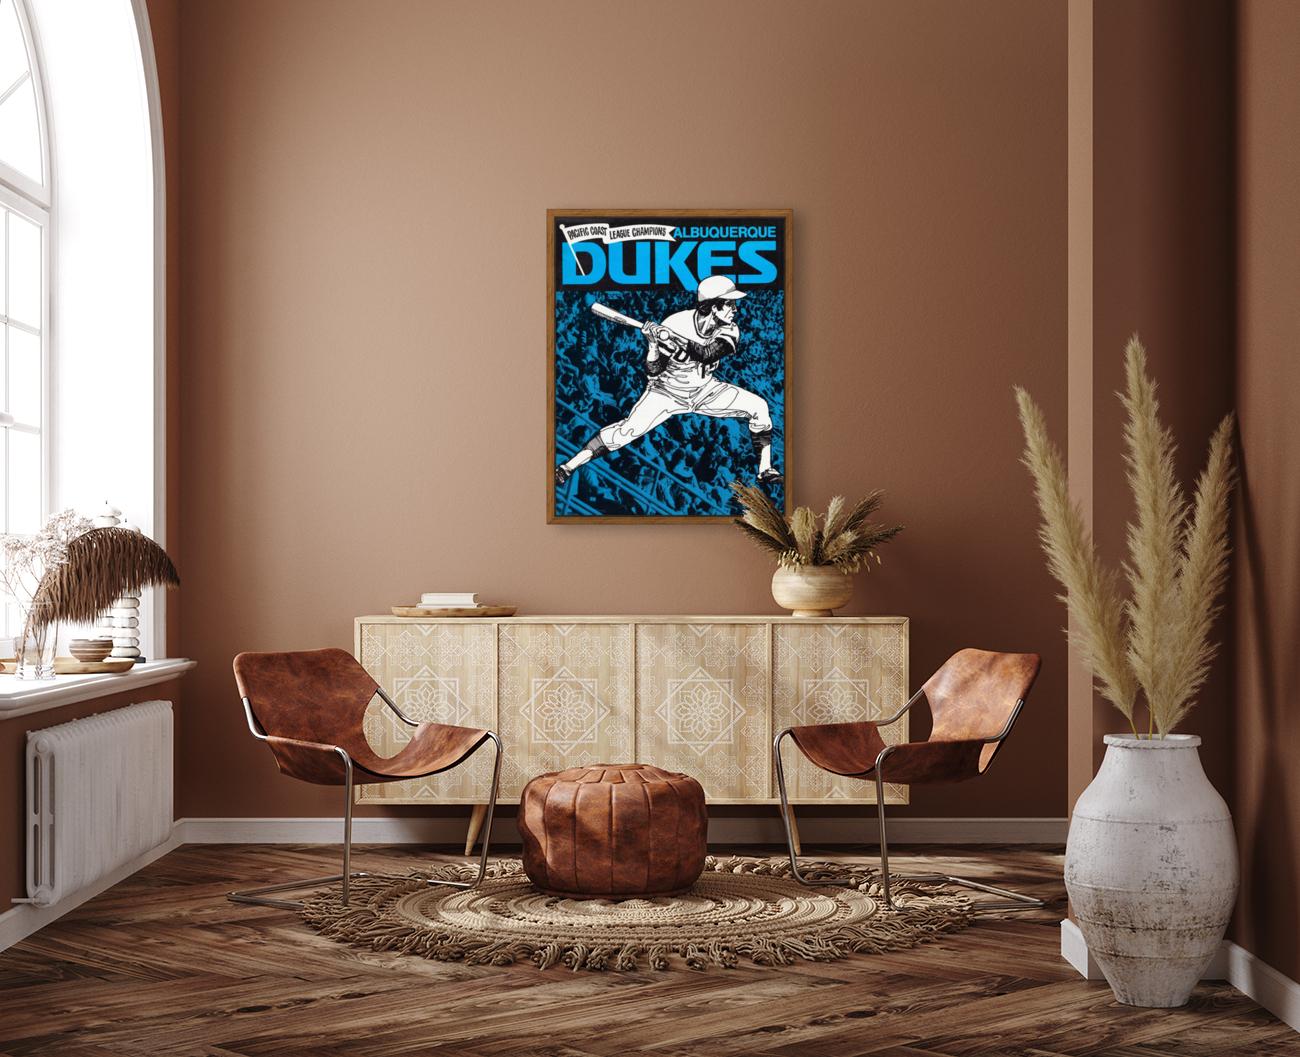 1973 Albuquerque Dukes Baseball  Poster  Art